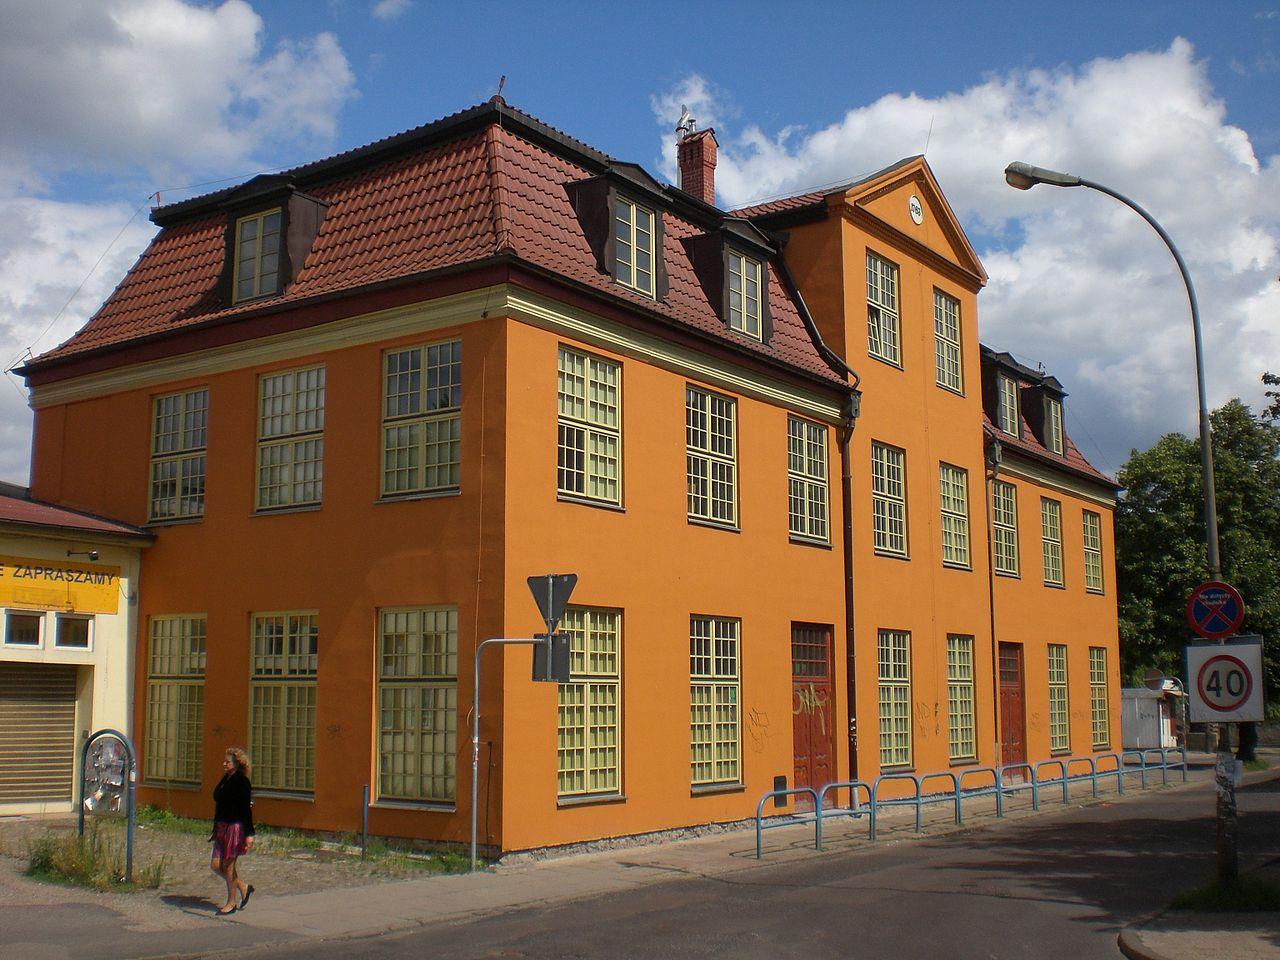 Piętrowy, zabytkowy budynek mieszkalny o pomarańczowej fasadzie i spadzistym dachu